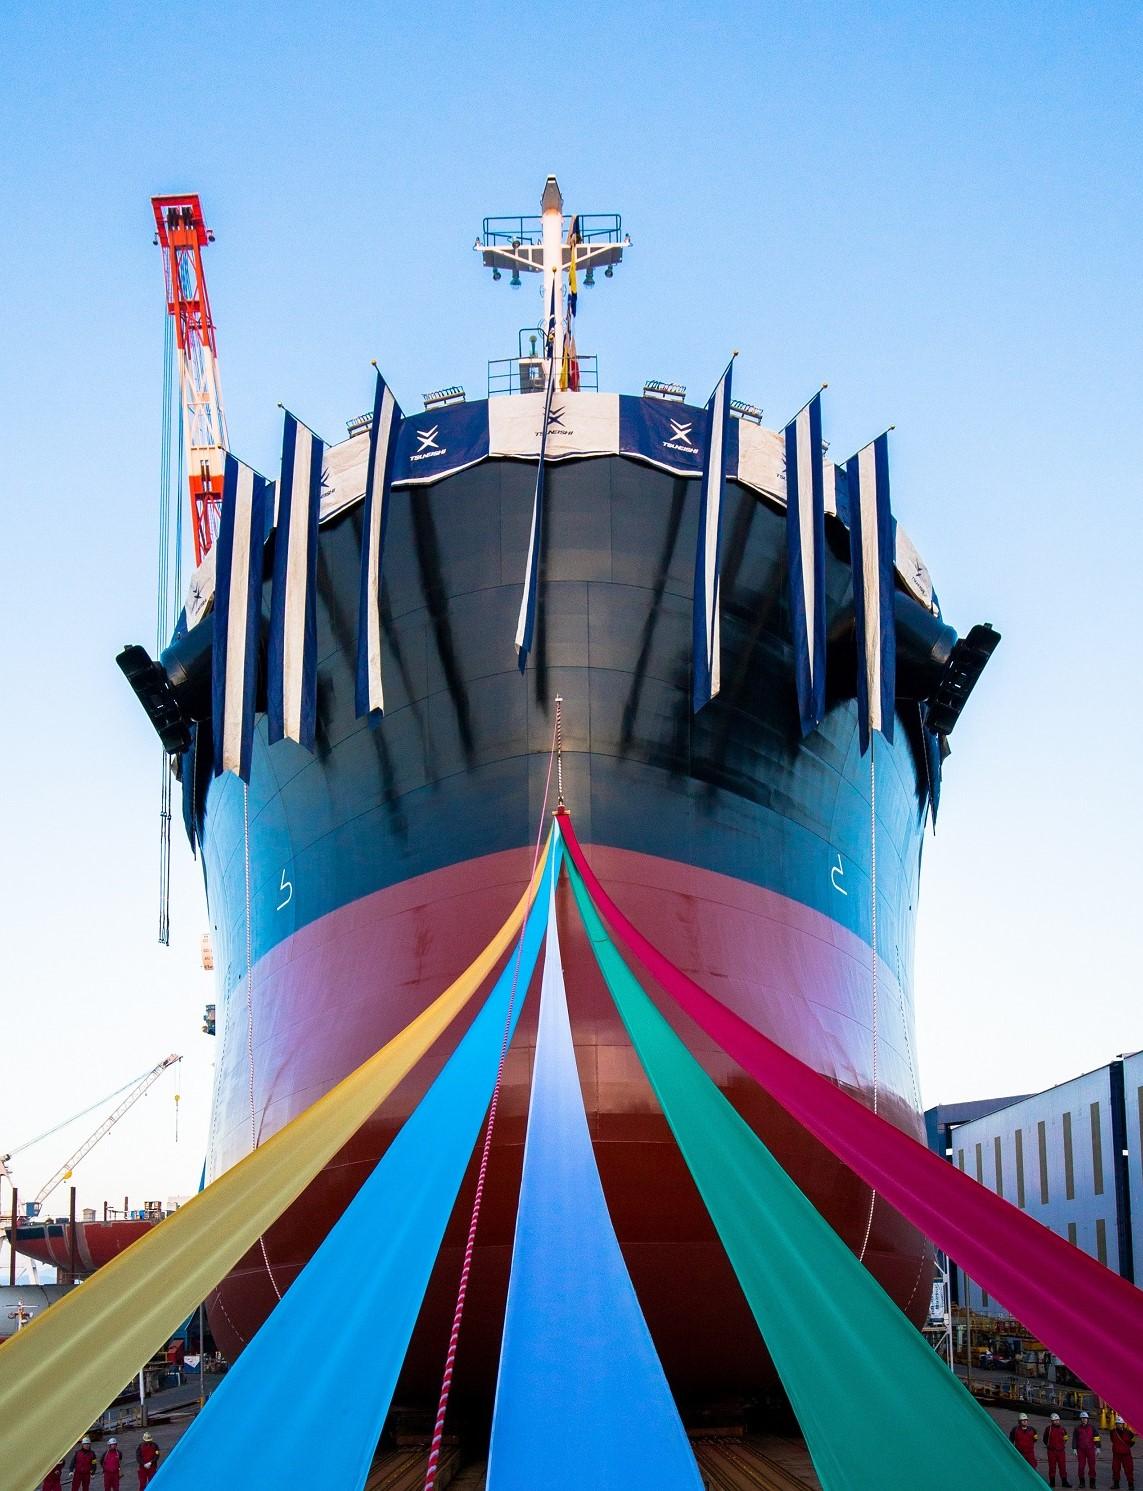 常石造船 进水仪式通知 -2018年9月20日 举行8万吨级散货船进水仪式-